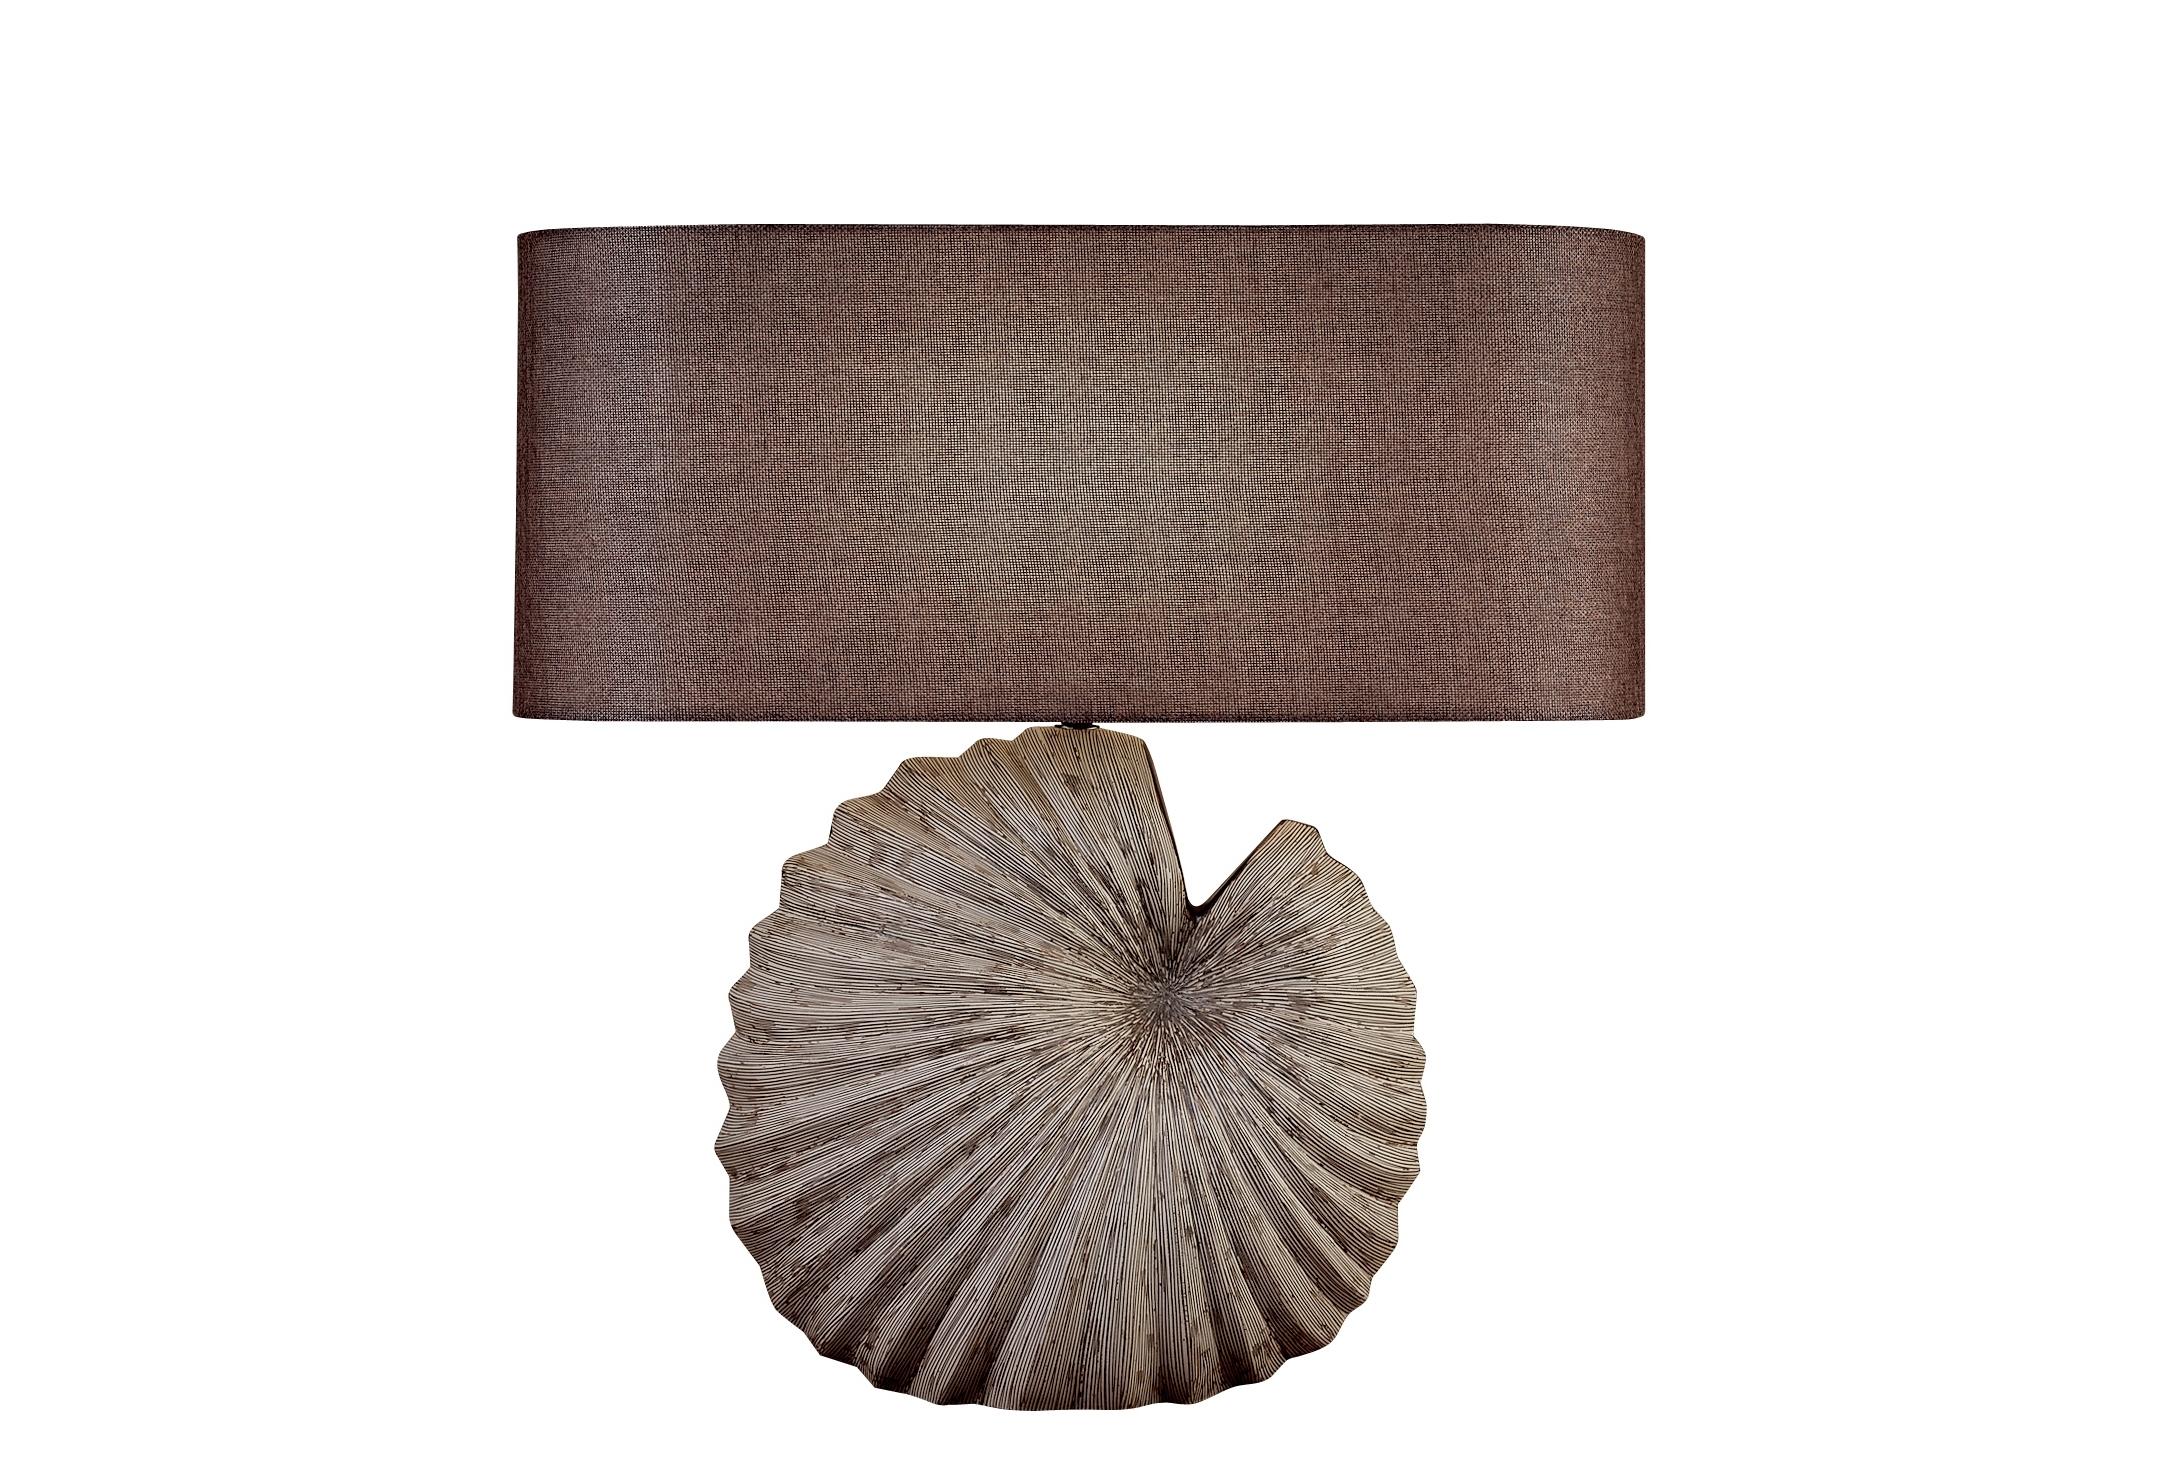 Светильник настольный MonzaДекоративные лампы<br>&amp;lt;div&amp;gt;Стильная настольная лампа с коричневым тканевым абажуром и с декоративным основанием в виде ракушки. Хорошо подойдет для современного интерьера, оформленного в винтажном, эко, ар-деко, фьюжн, минимализм и лофт стилях. В любом интерьере она будет ярким и стильным элементом декора.&amp;lt;/div&amp;gt;&amp;lt;div&amp;gt;&amp;lt;br&amp;gt;&amp;lt;/div&amp;gt;&amp;lt;div&amp;gt;Вид цоколя: E27&amp;lt;/div&amp;gt;&amp;lt;div&amp;gt;Мощность: 60W&amp;lt;/div&amp;gt;&amp;lt;div&amp;gt;Количество ламп: 1 (нет в комплекте)&amp;lt;/div&amp;gt;<br><br>Material: Полиуретан<br>Ширина см: 55.0<br>Высота см: 57.0<br>Глубина см: 22.0